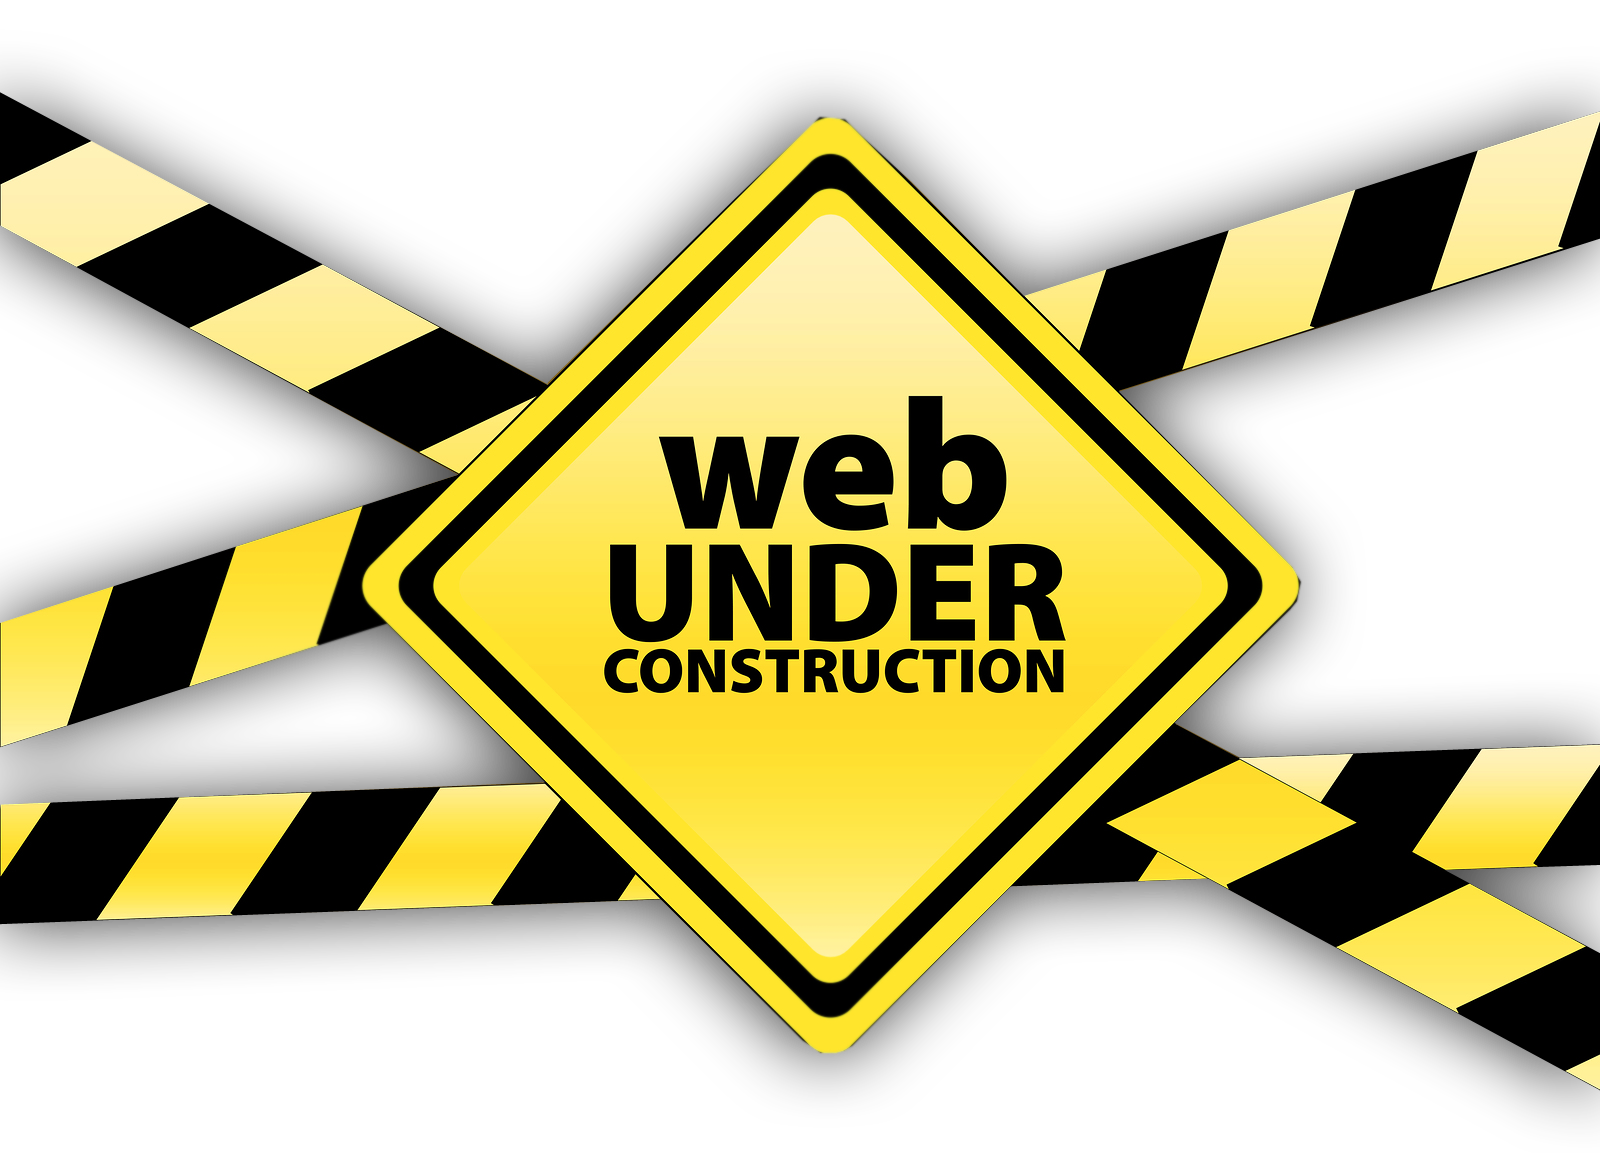 under construction sign png wwwimgkidcom the image